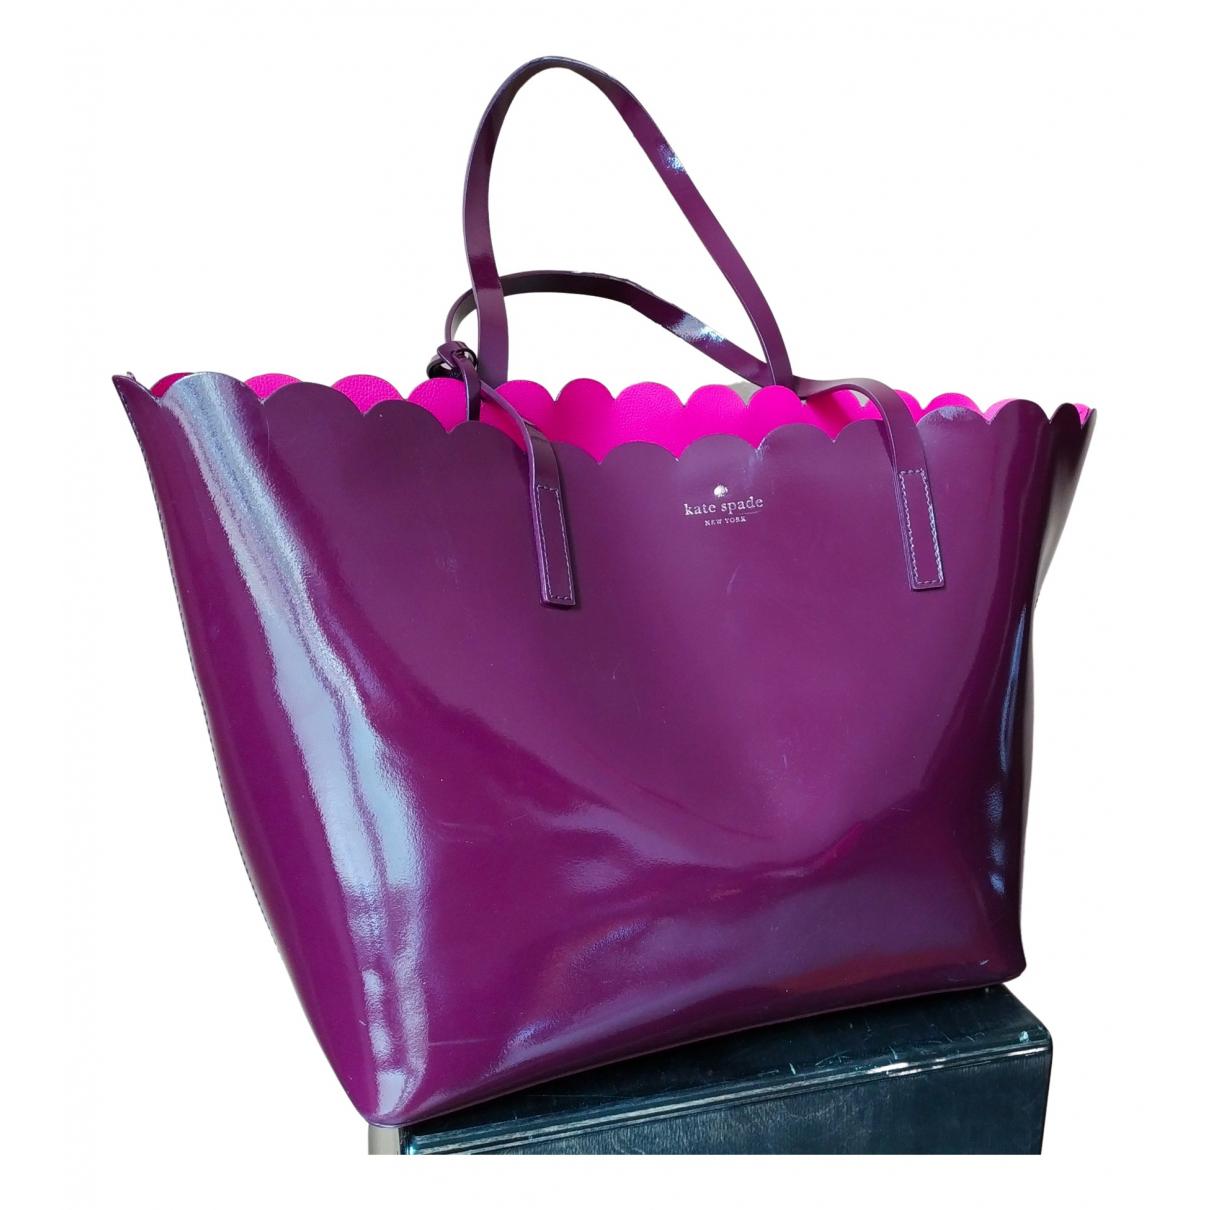 Kate Spade - Sac a main   pour femme en cuir verni - violet